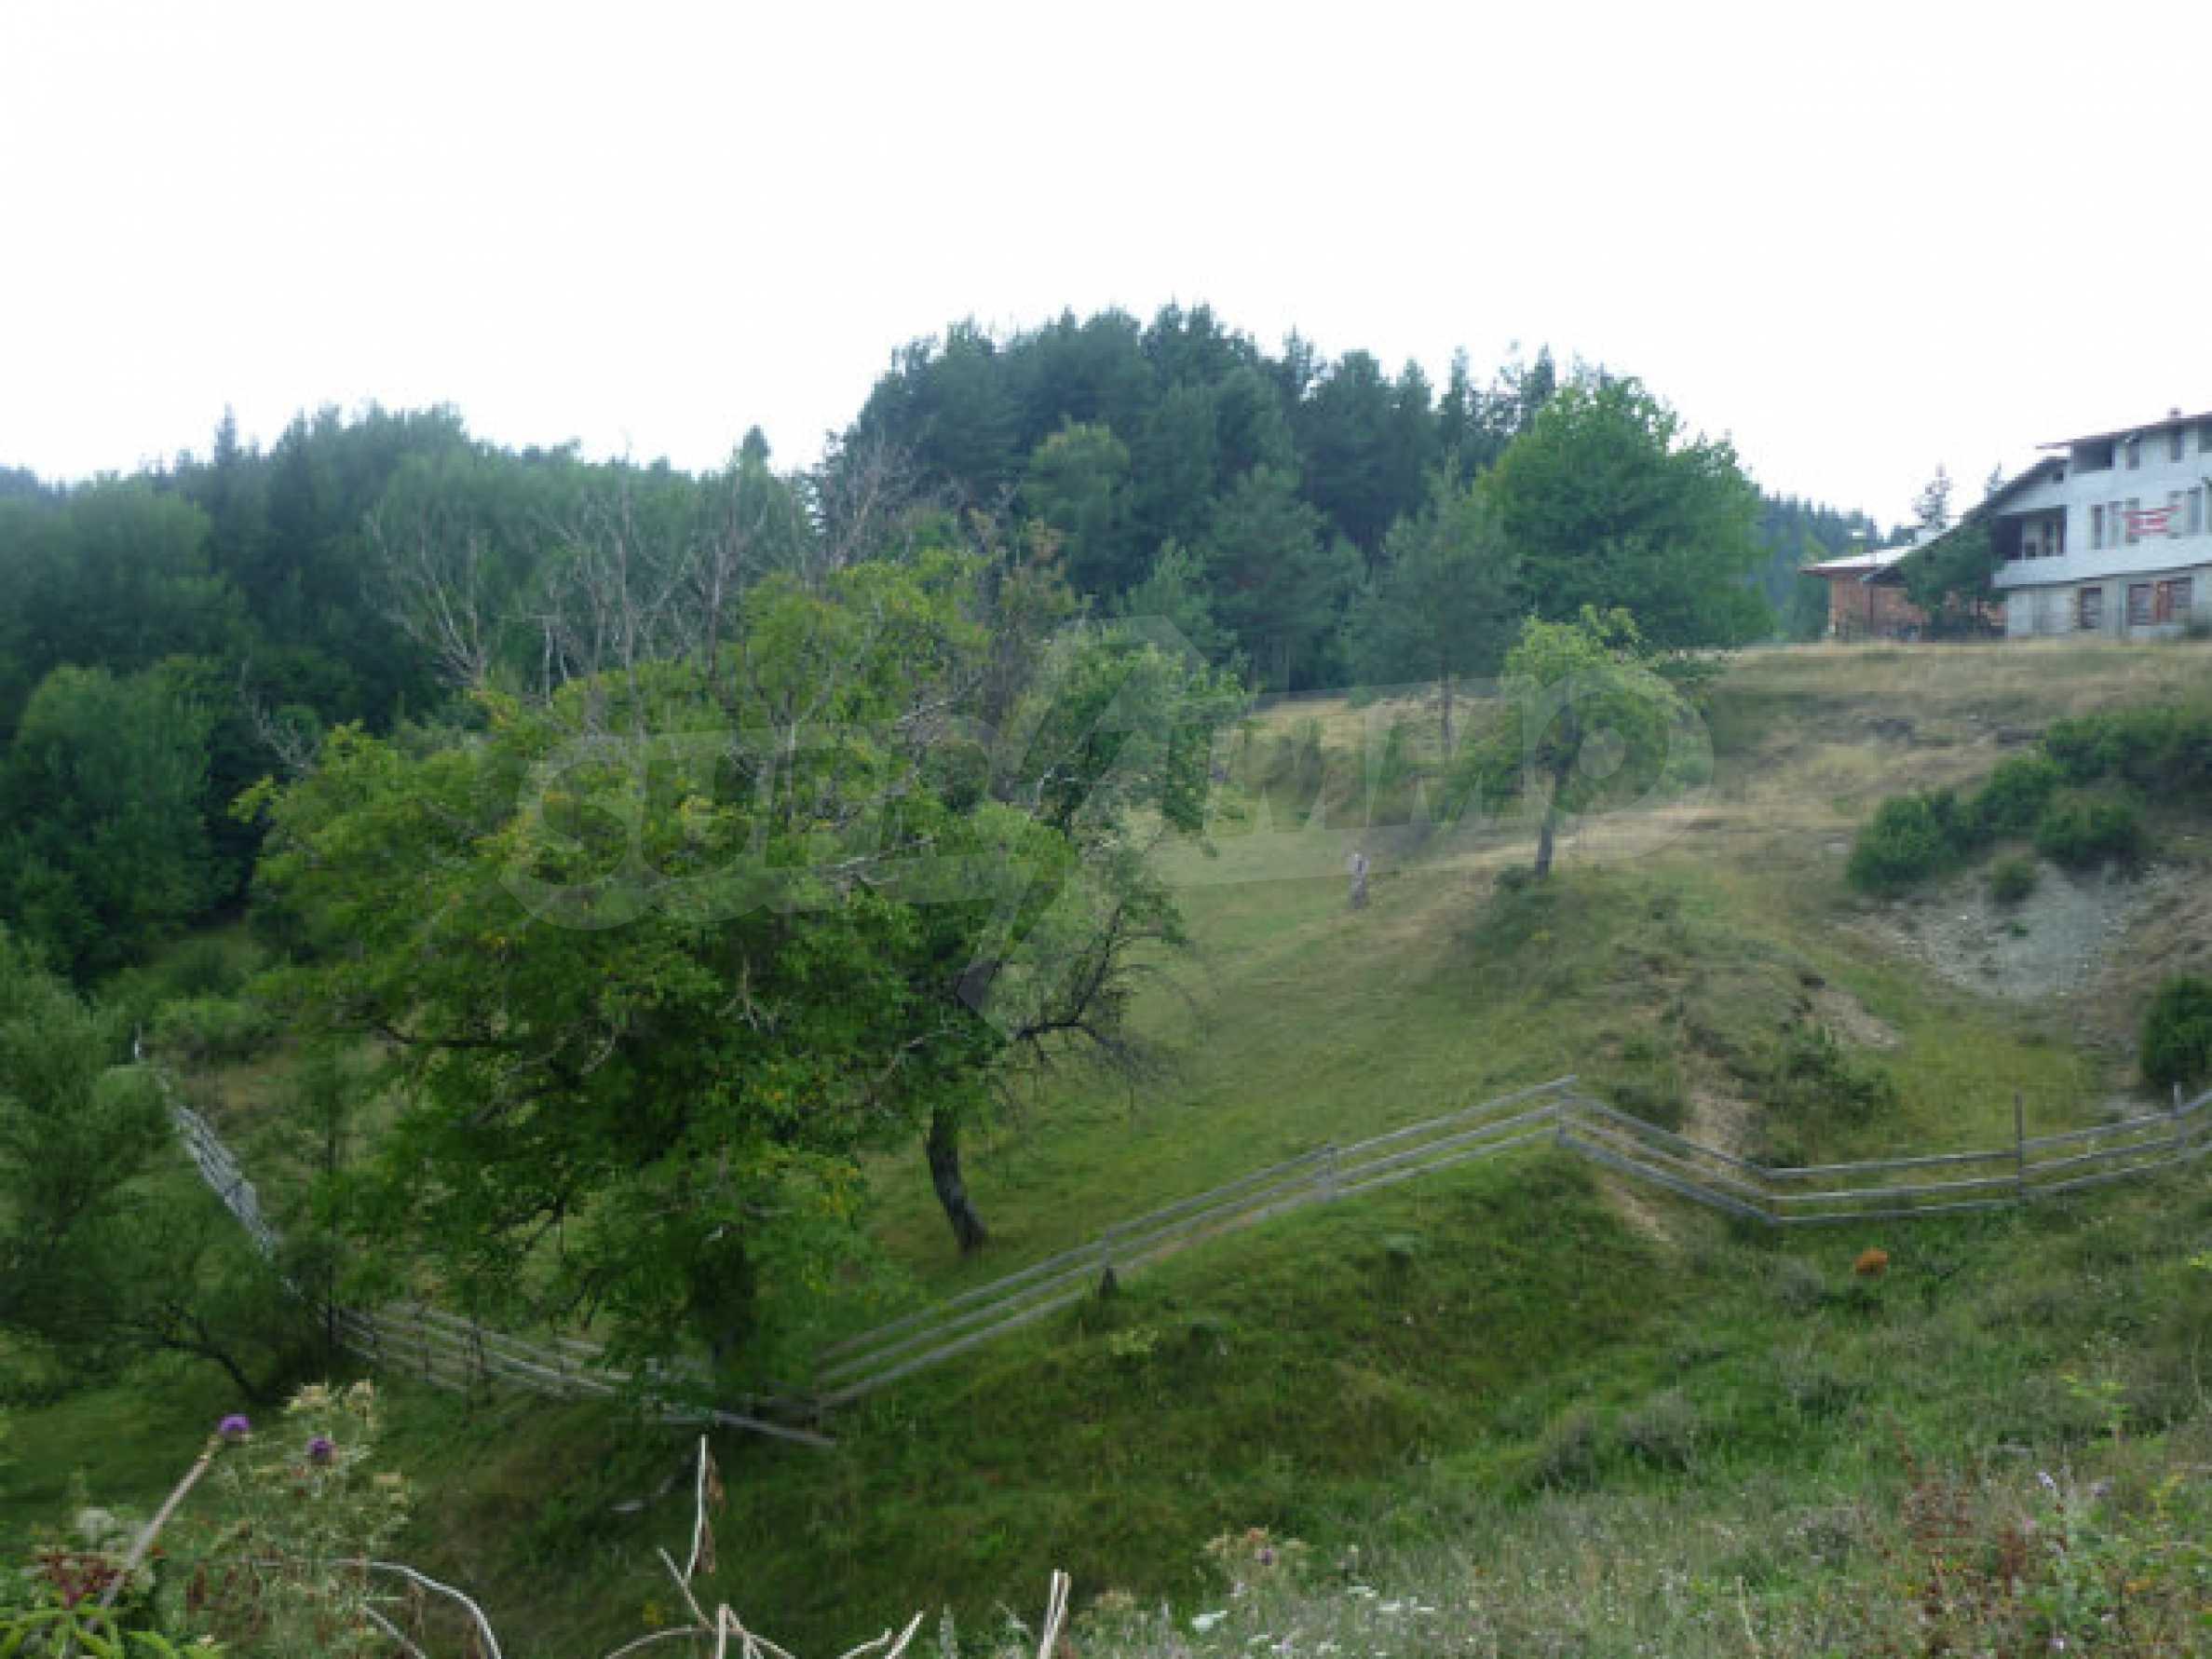 Großes reguliertes Baugrundstück 15 km vom Kurort Smolyan entfernt 2